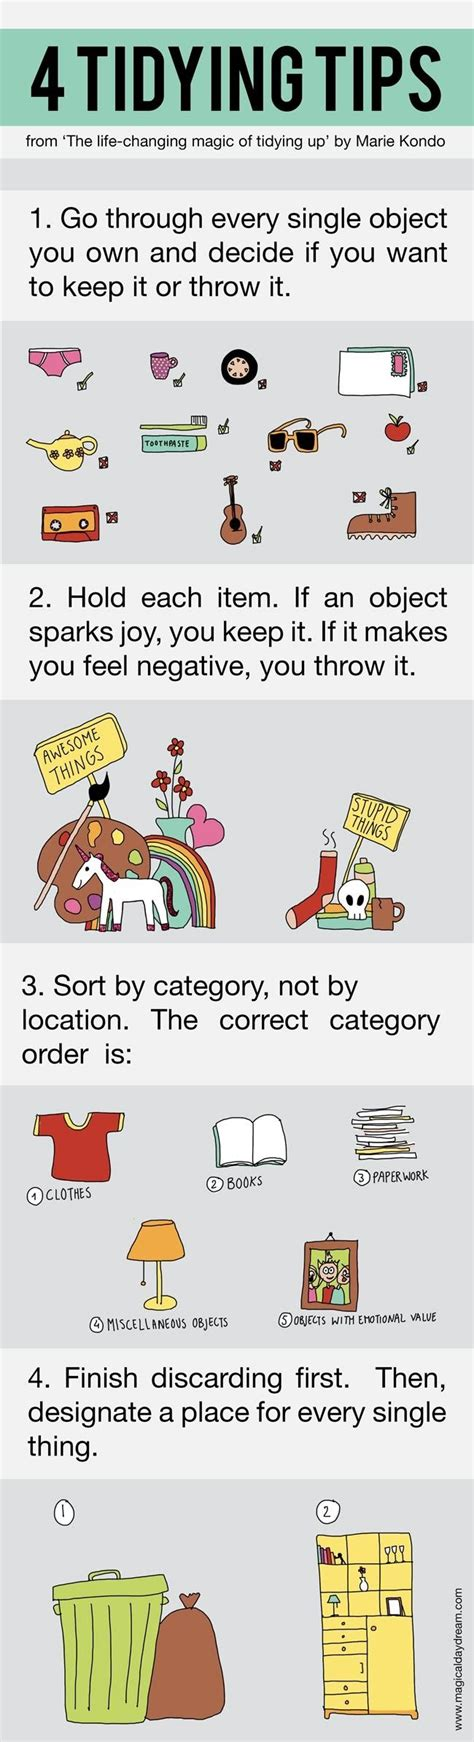 kondo tips 10 afbeeldingen mari kondo opruim tips op